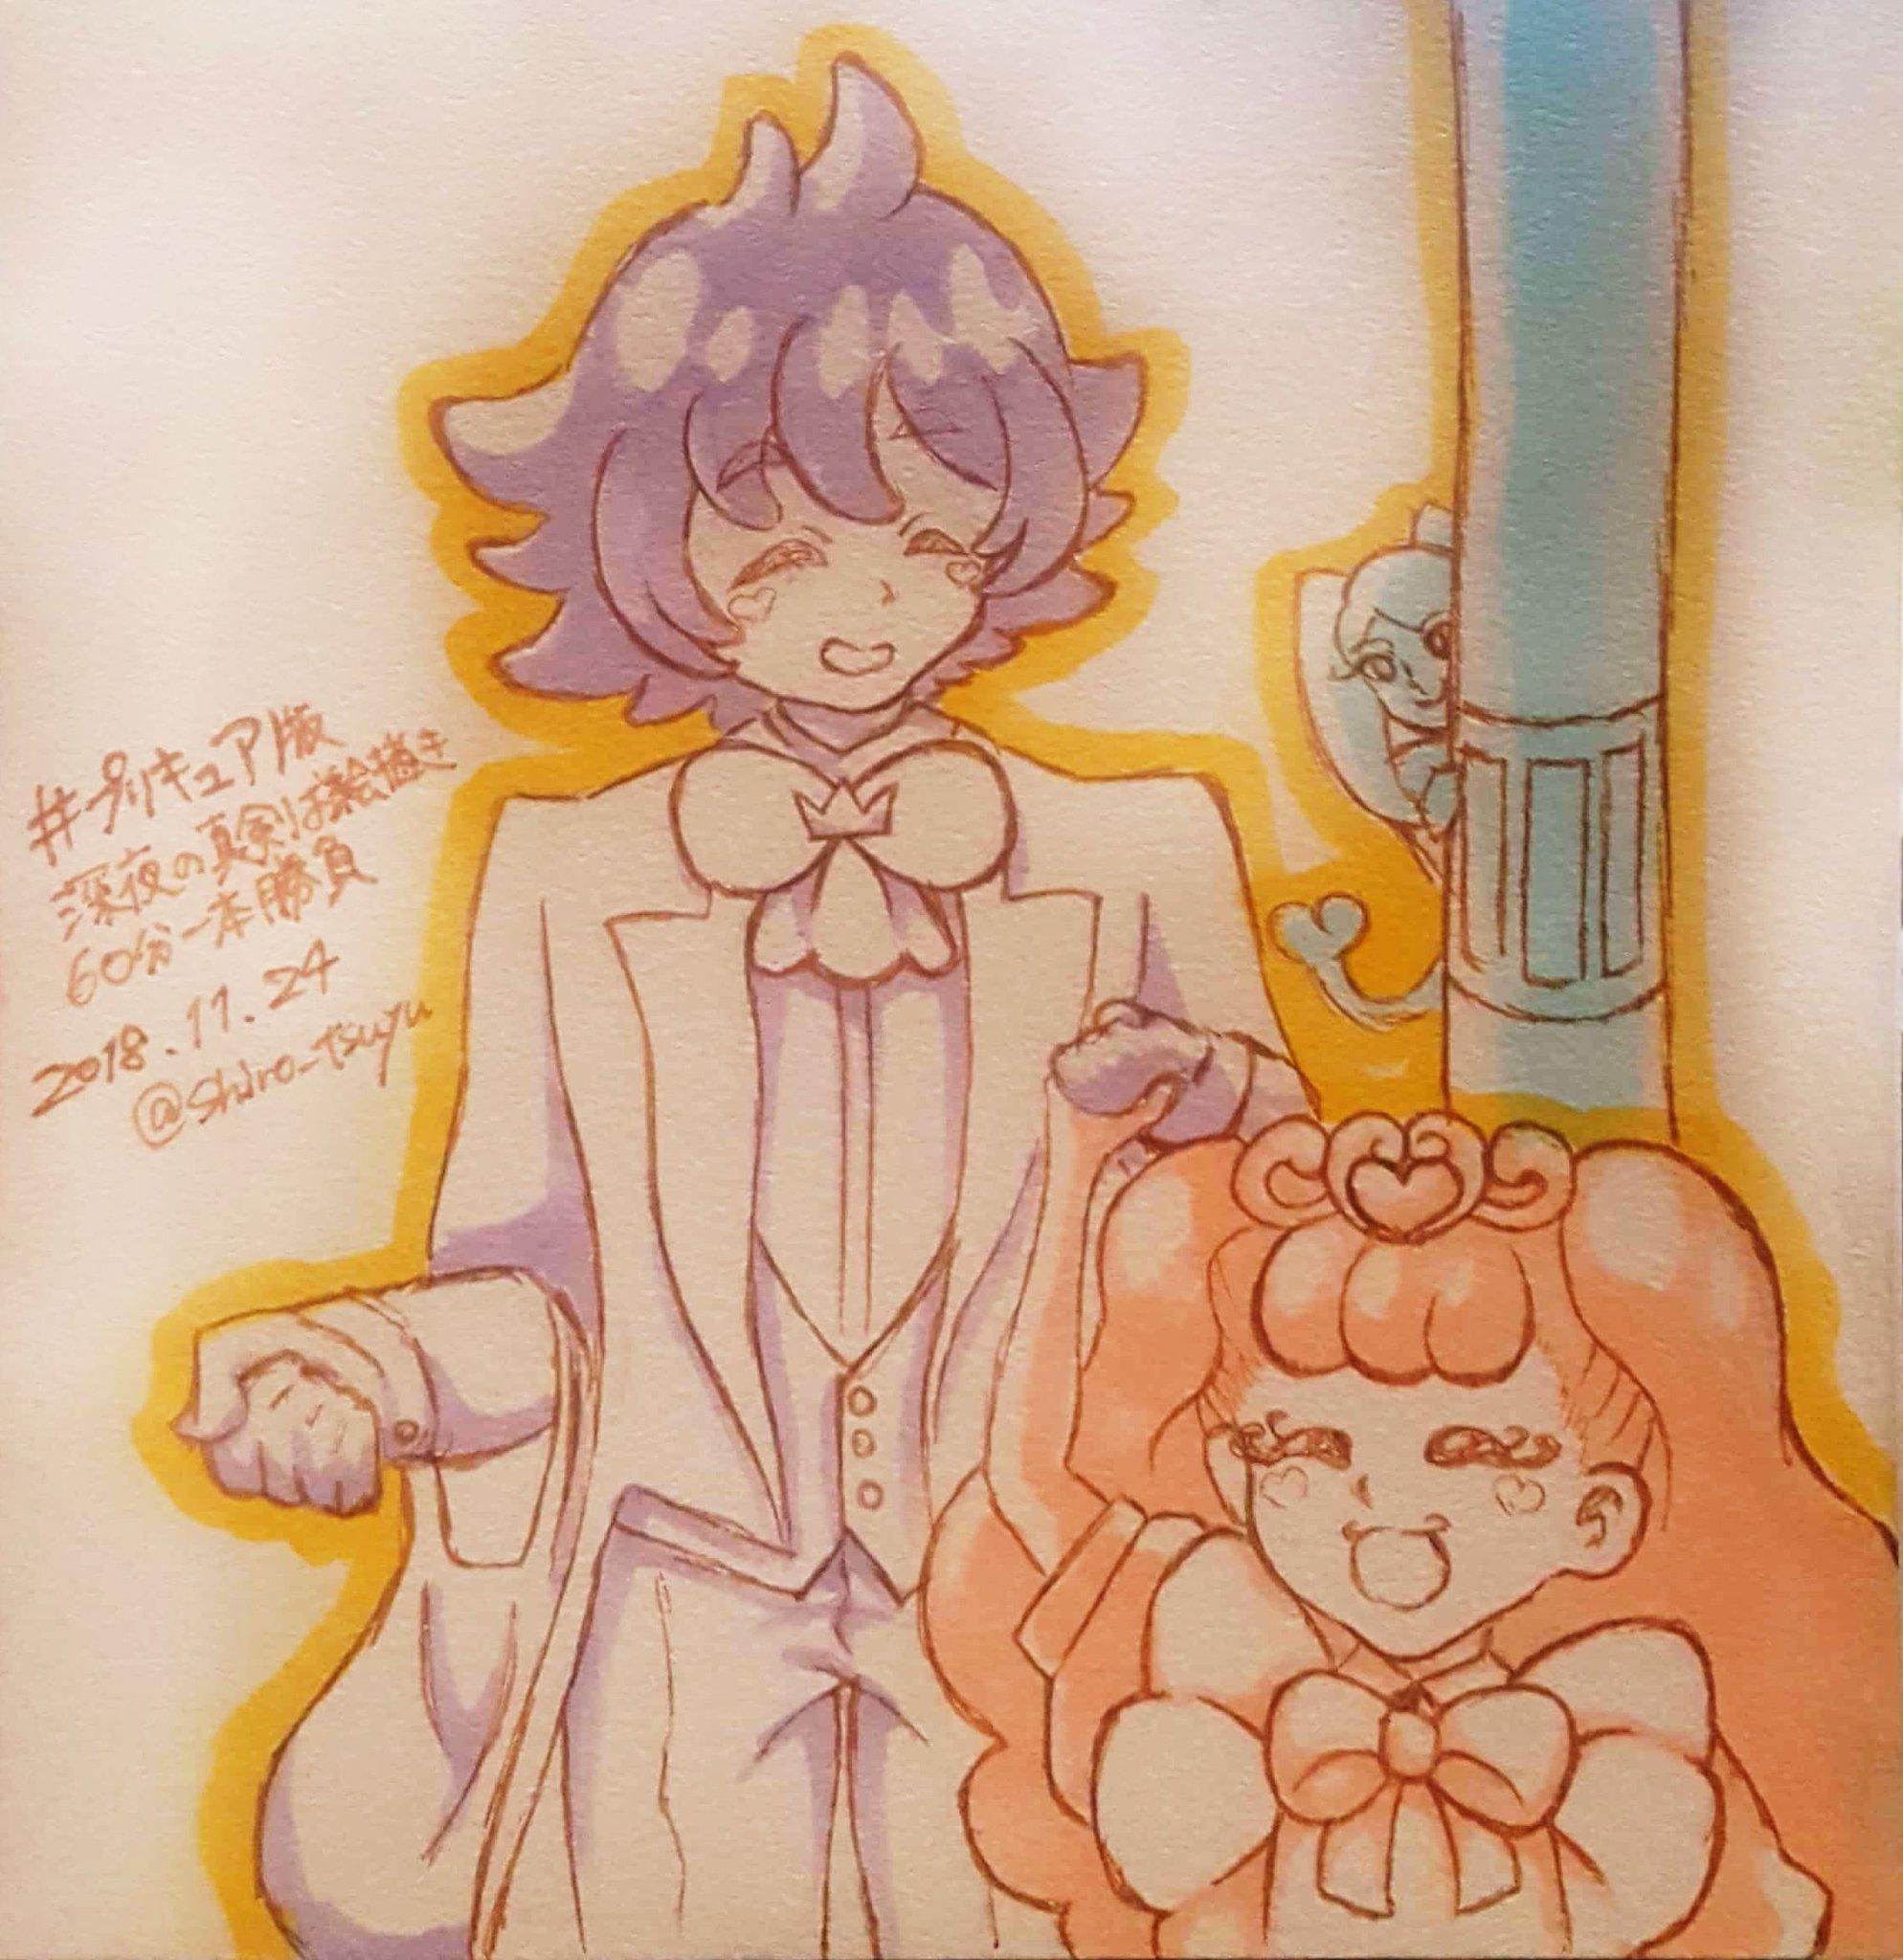 ろろ (@shiro_tsuyu)さんのイラスト